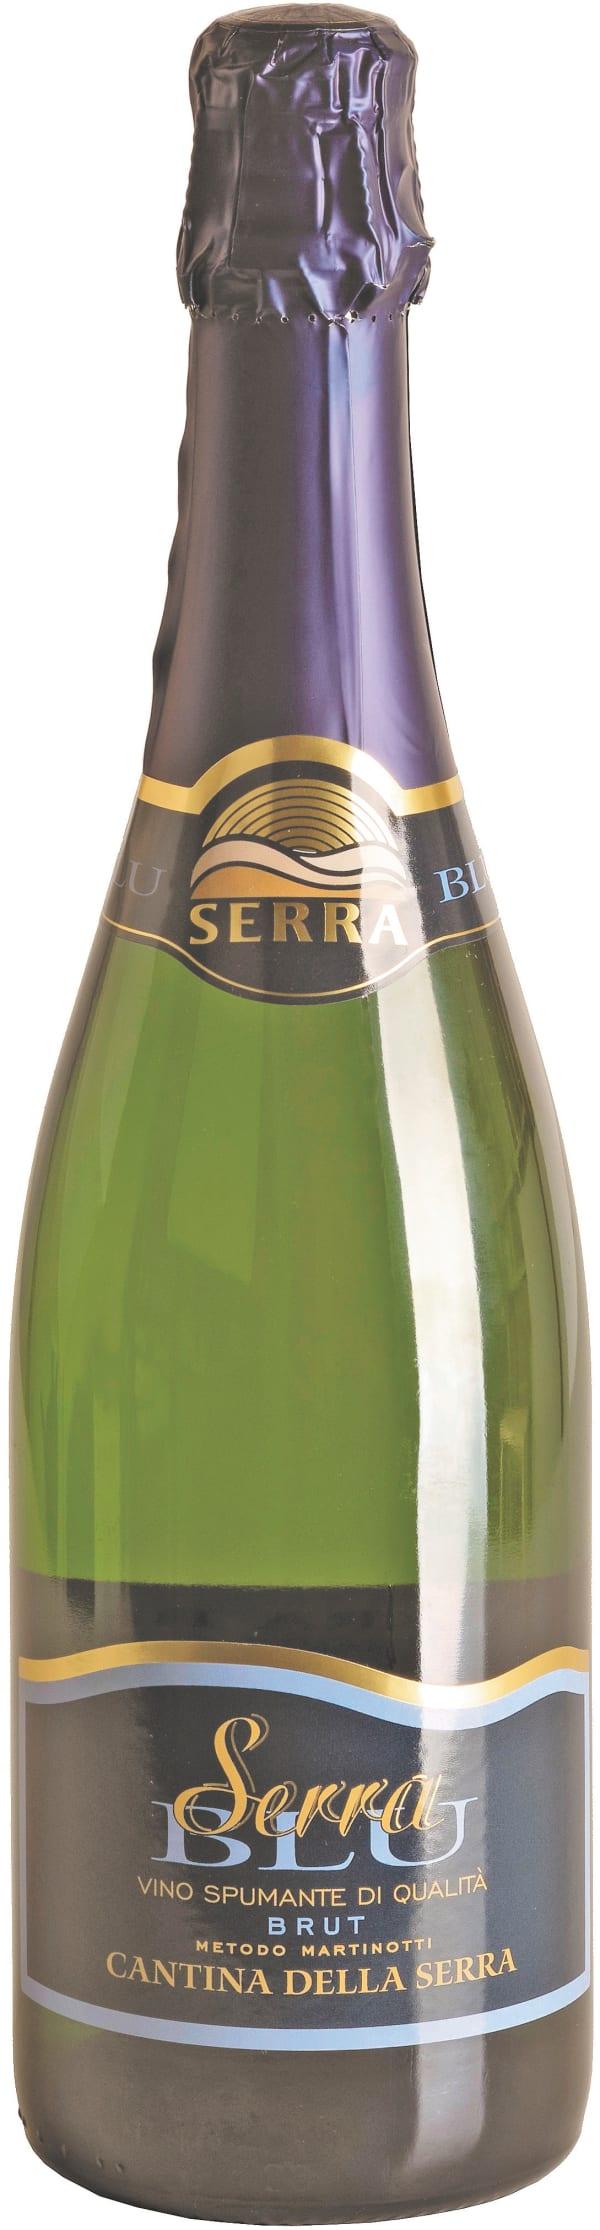 Cantina della Serra Blu Vino Spumante Brut 2017